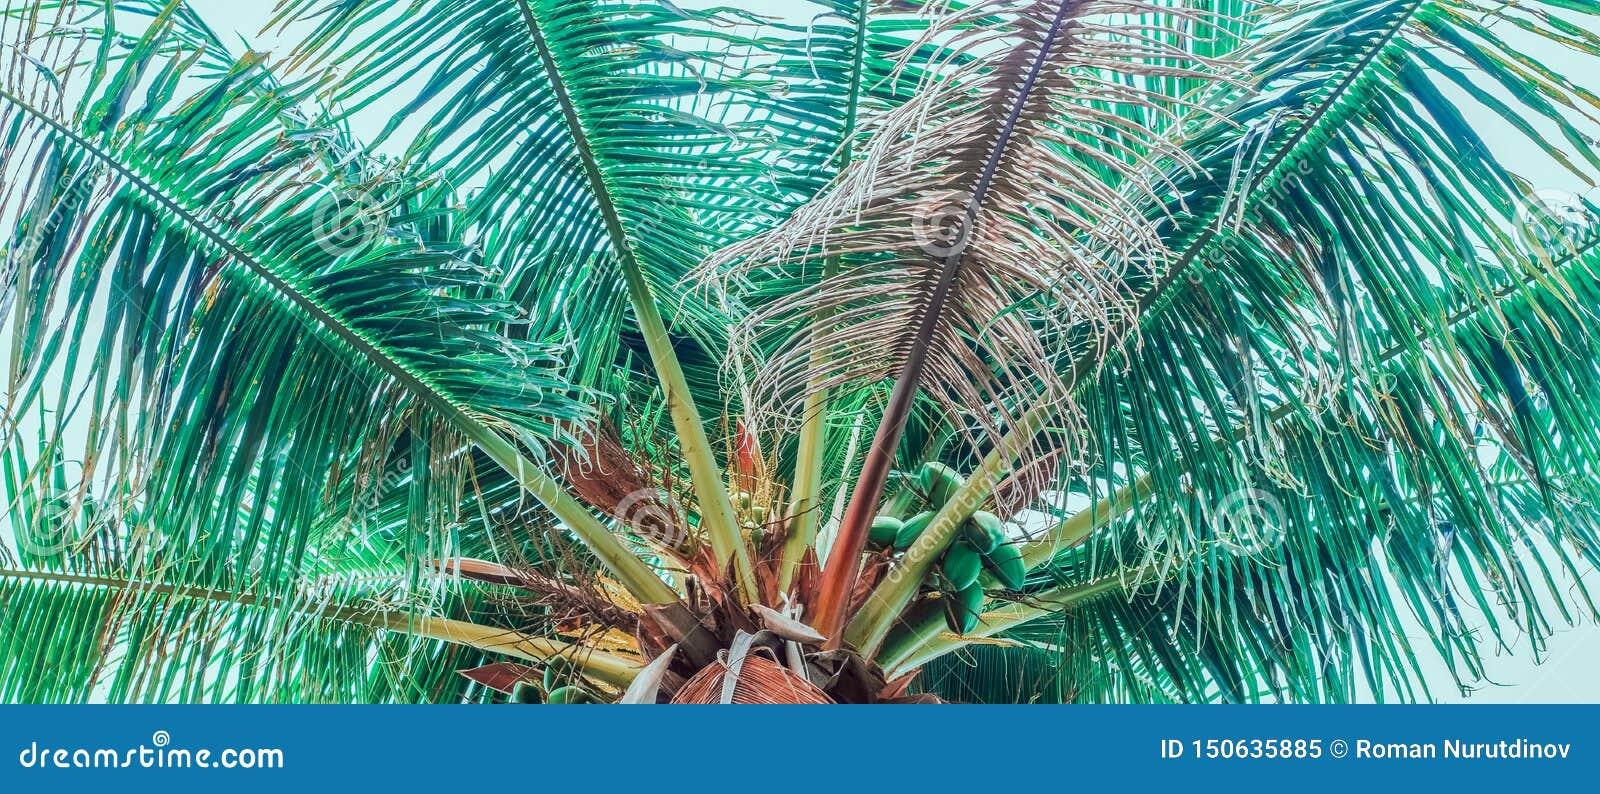 Połówka wierzchołek drzewko palmowe